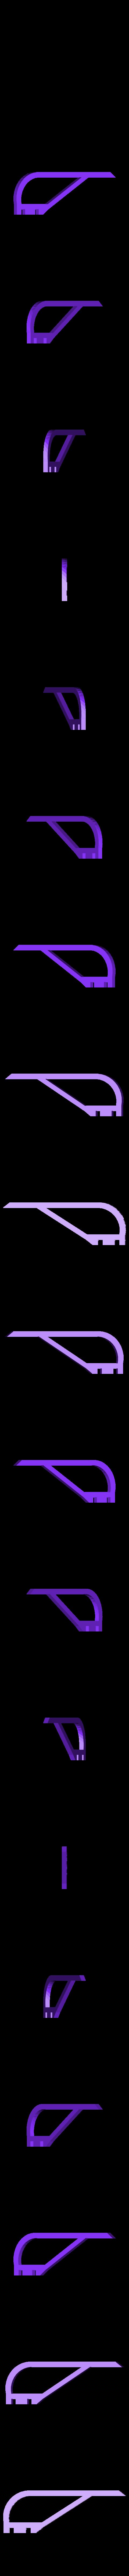 skid.stl Télécharger fichier STL gratuit Planeur Da Vinci • Design pour imprimante 3D, GeneralElectric